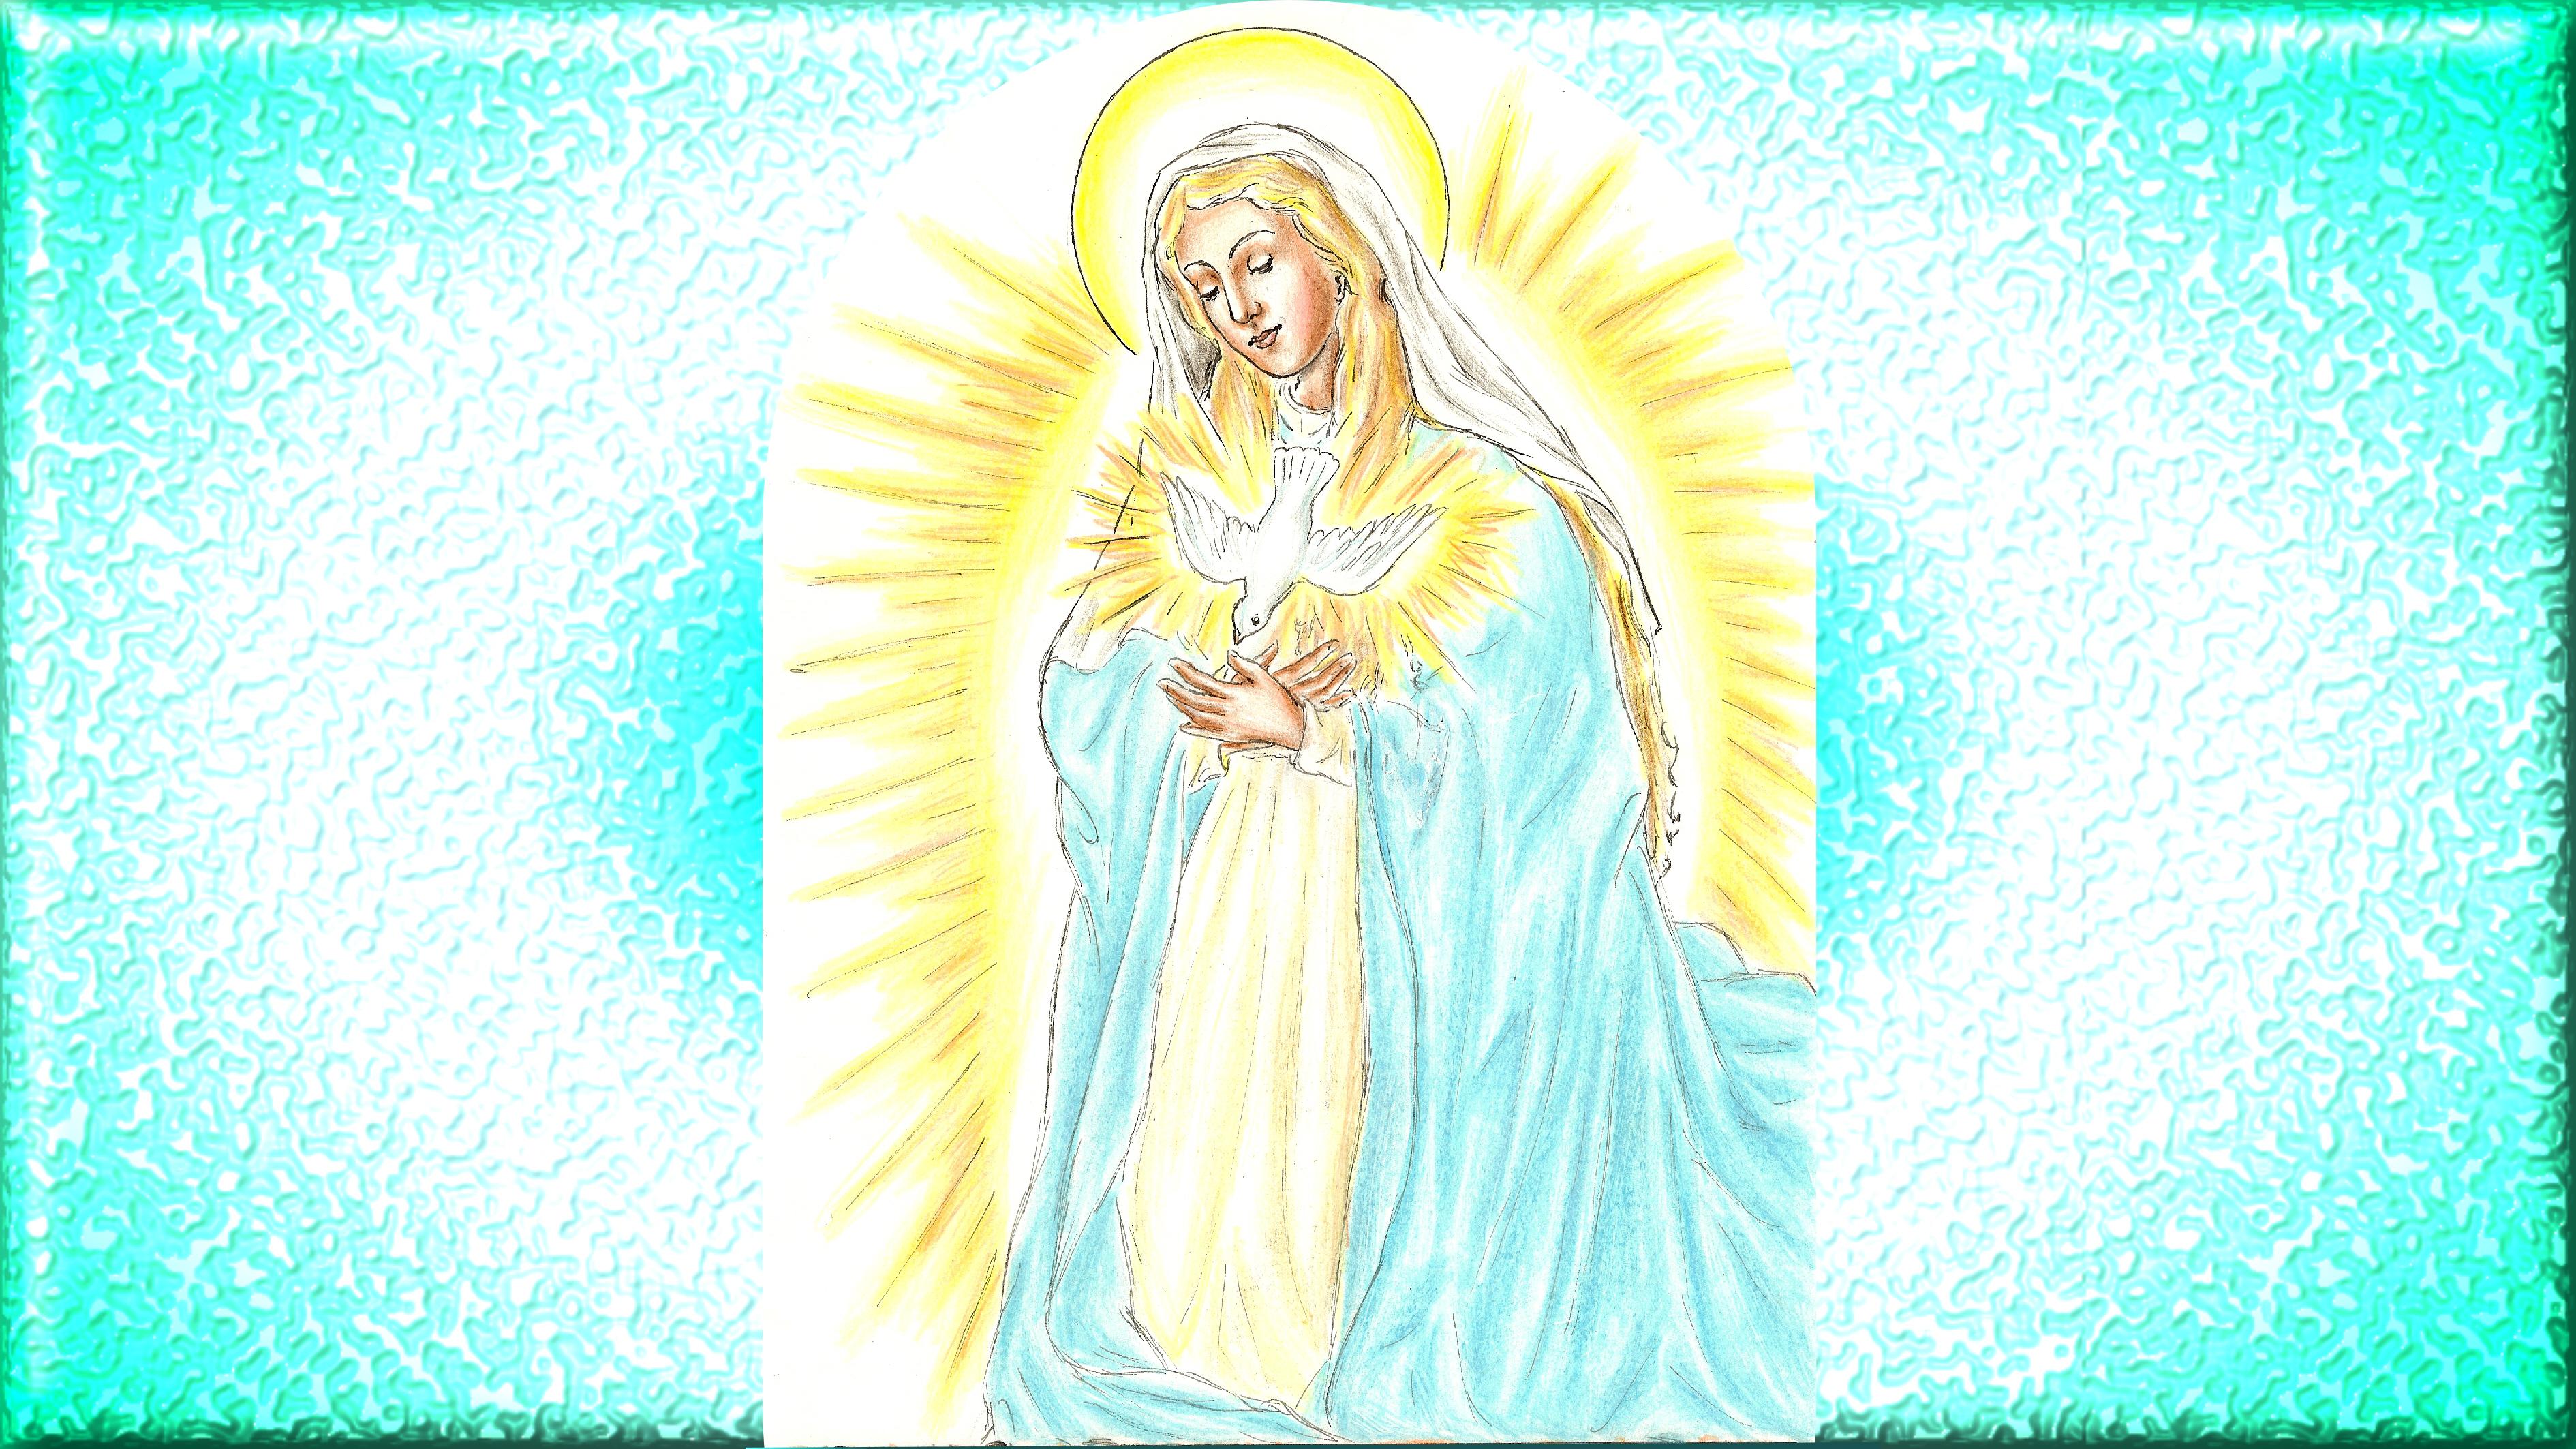 CALENDRIER CATHOLIQUE 2019 (Cantiques, Prières & Images) - Page 18 Maternit-divine-de-marie-55824e5